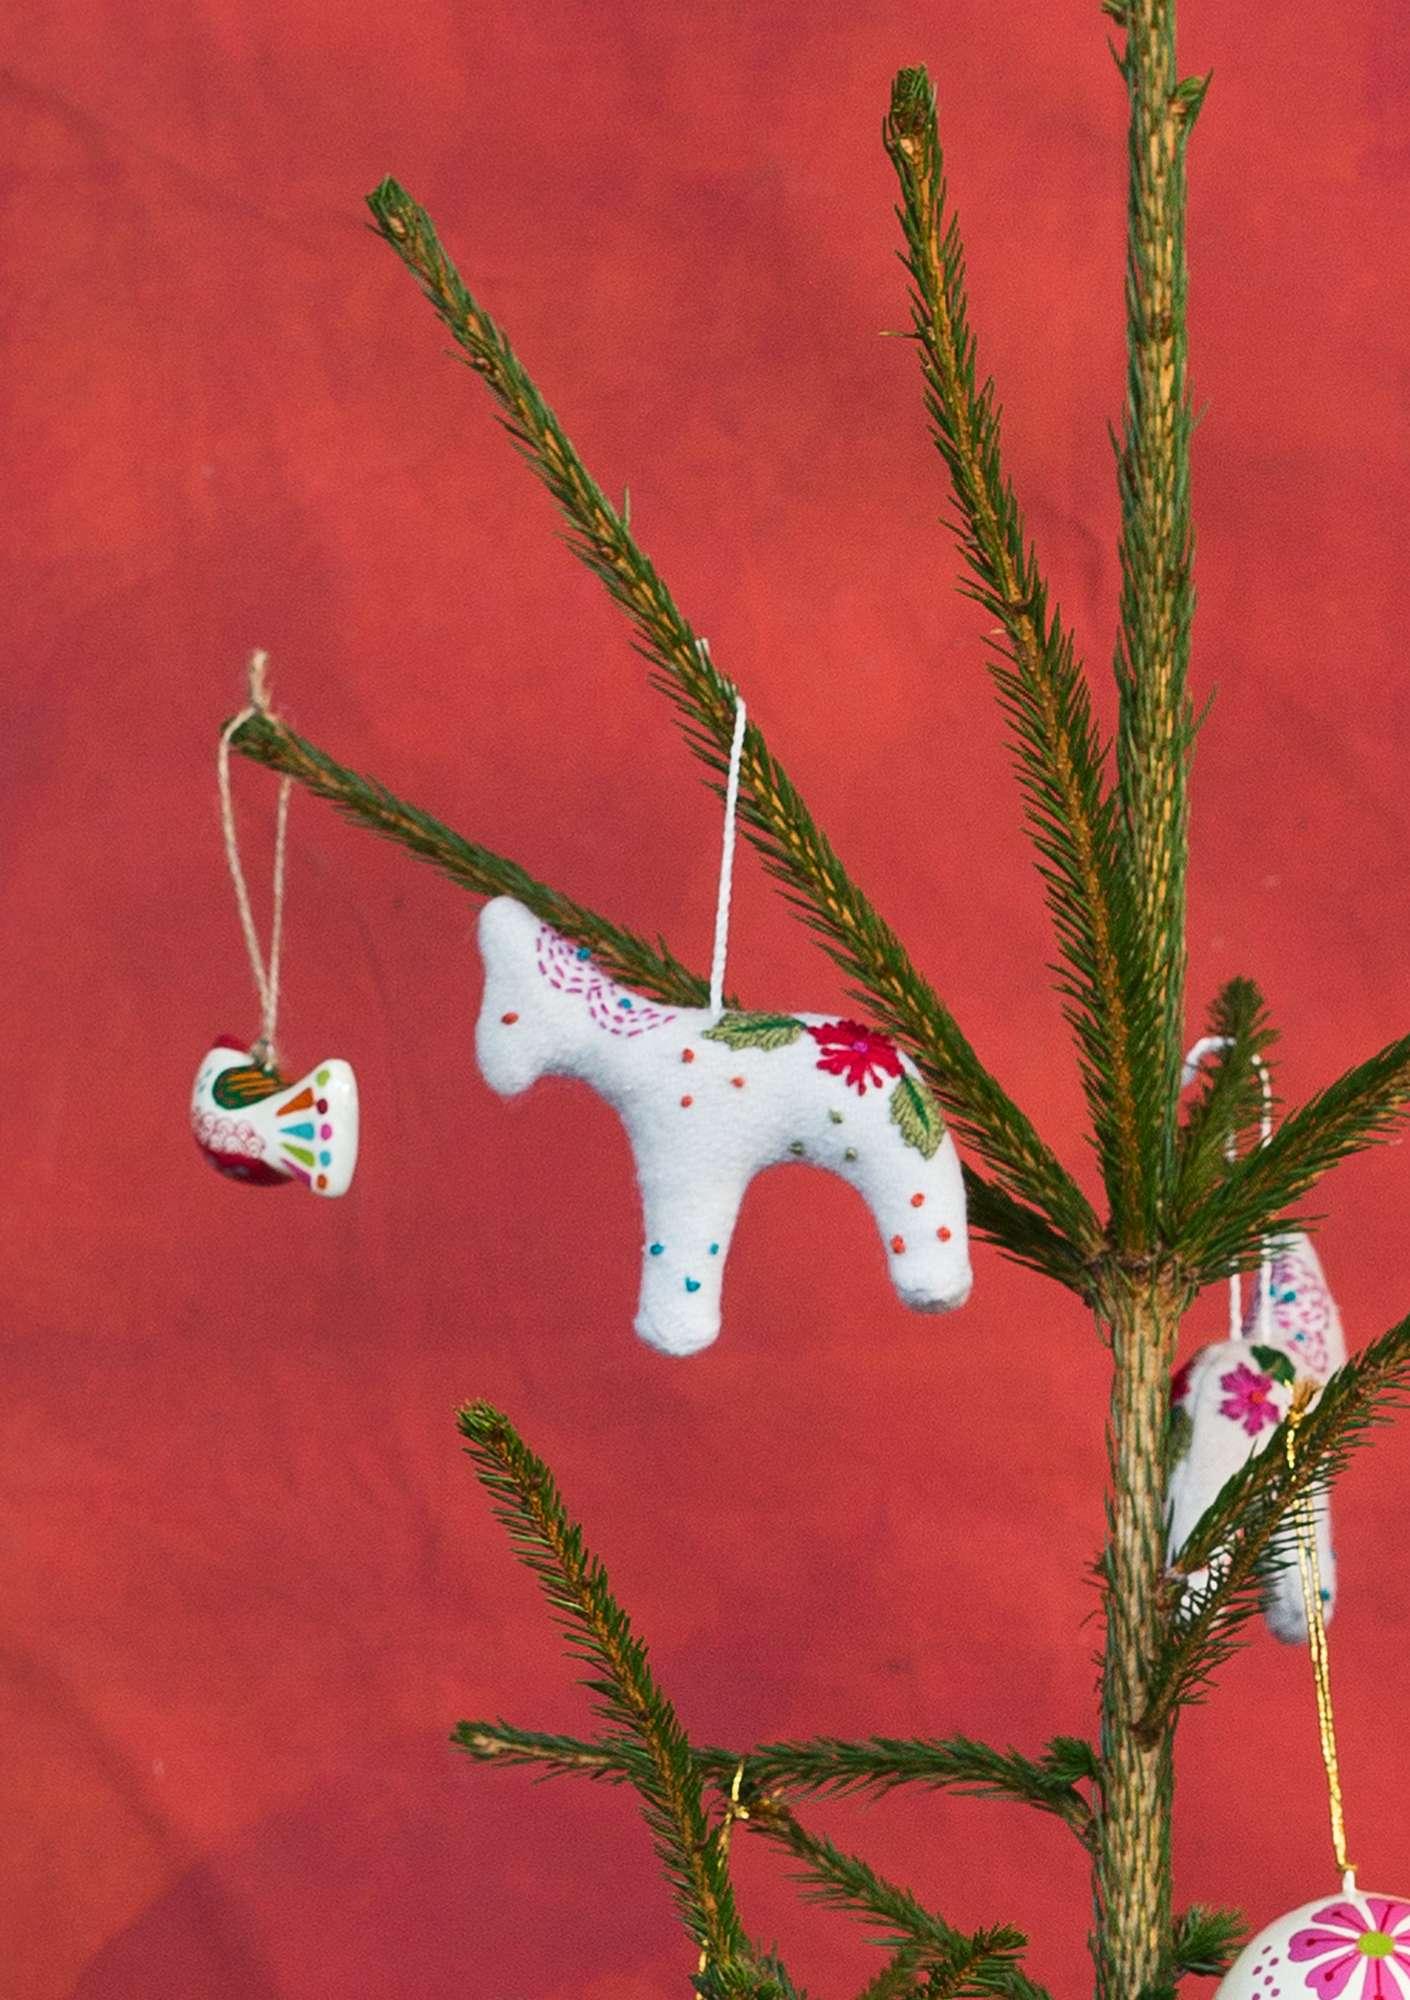 Weihnachtsdeko Katalog.Weihnachtsdeko Bakri Aus Wolle Gudrun Sjödén